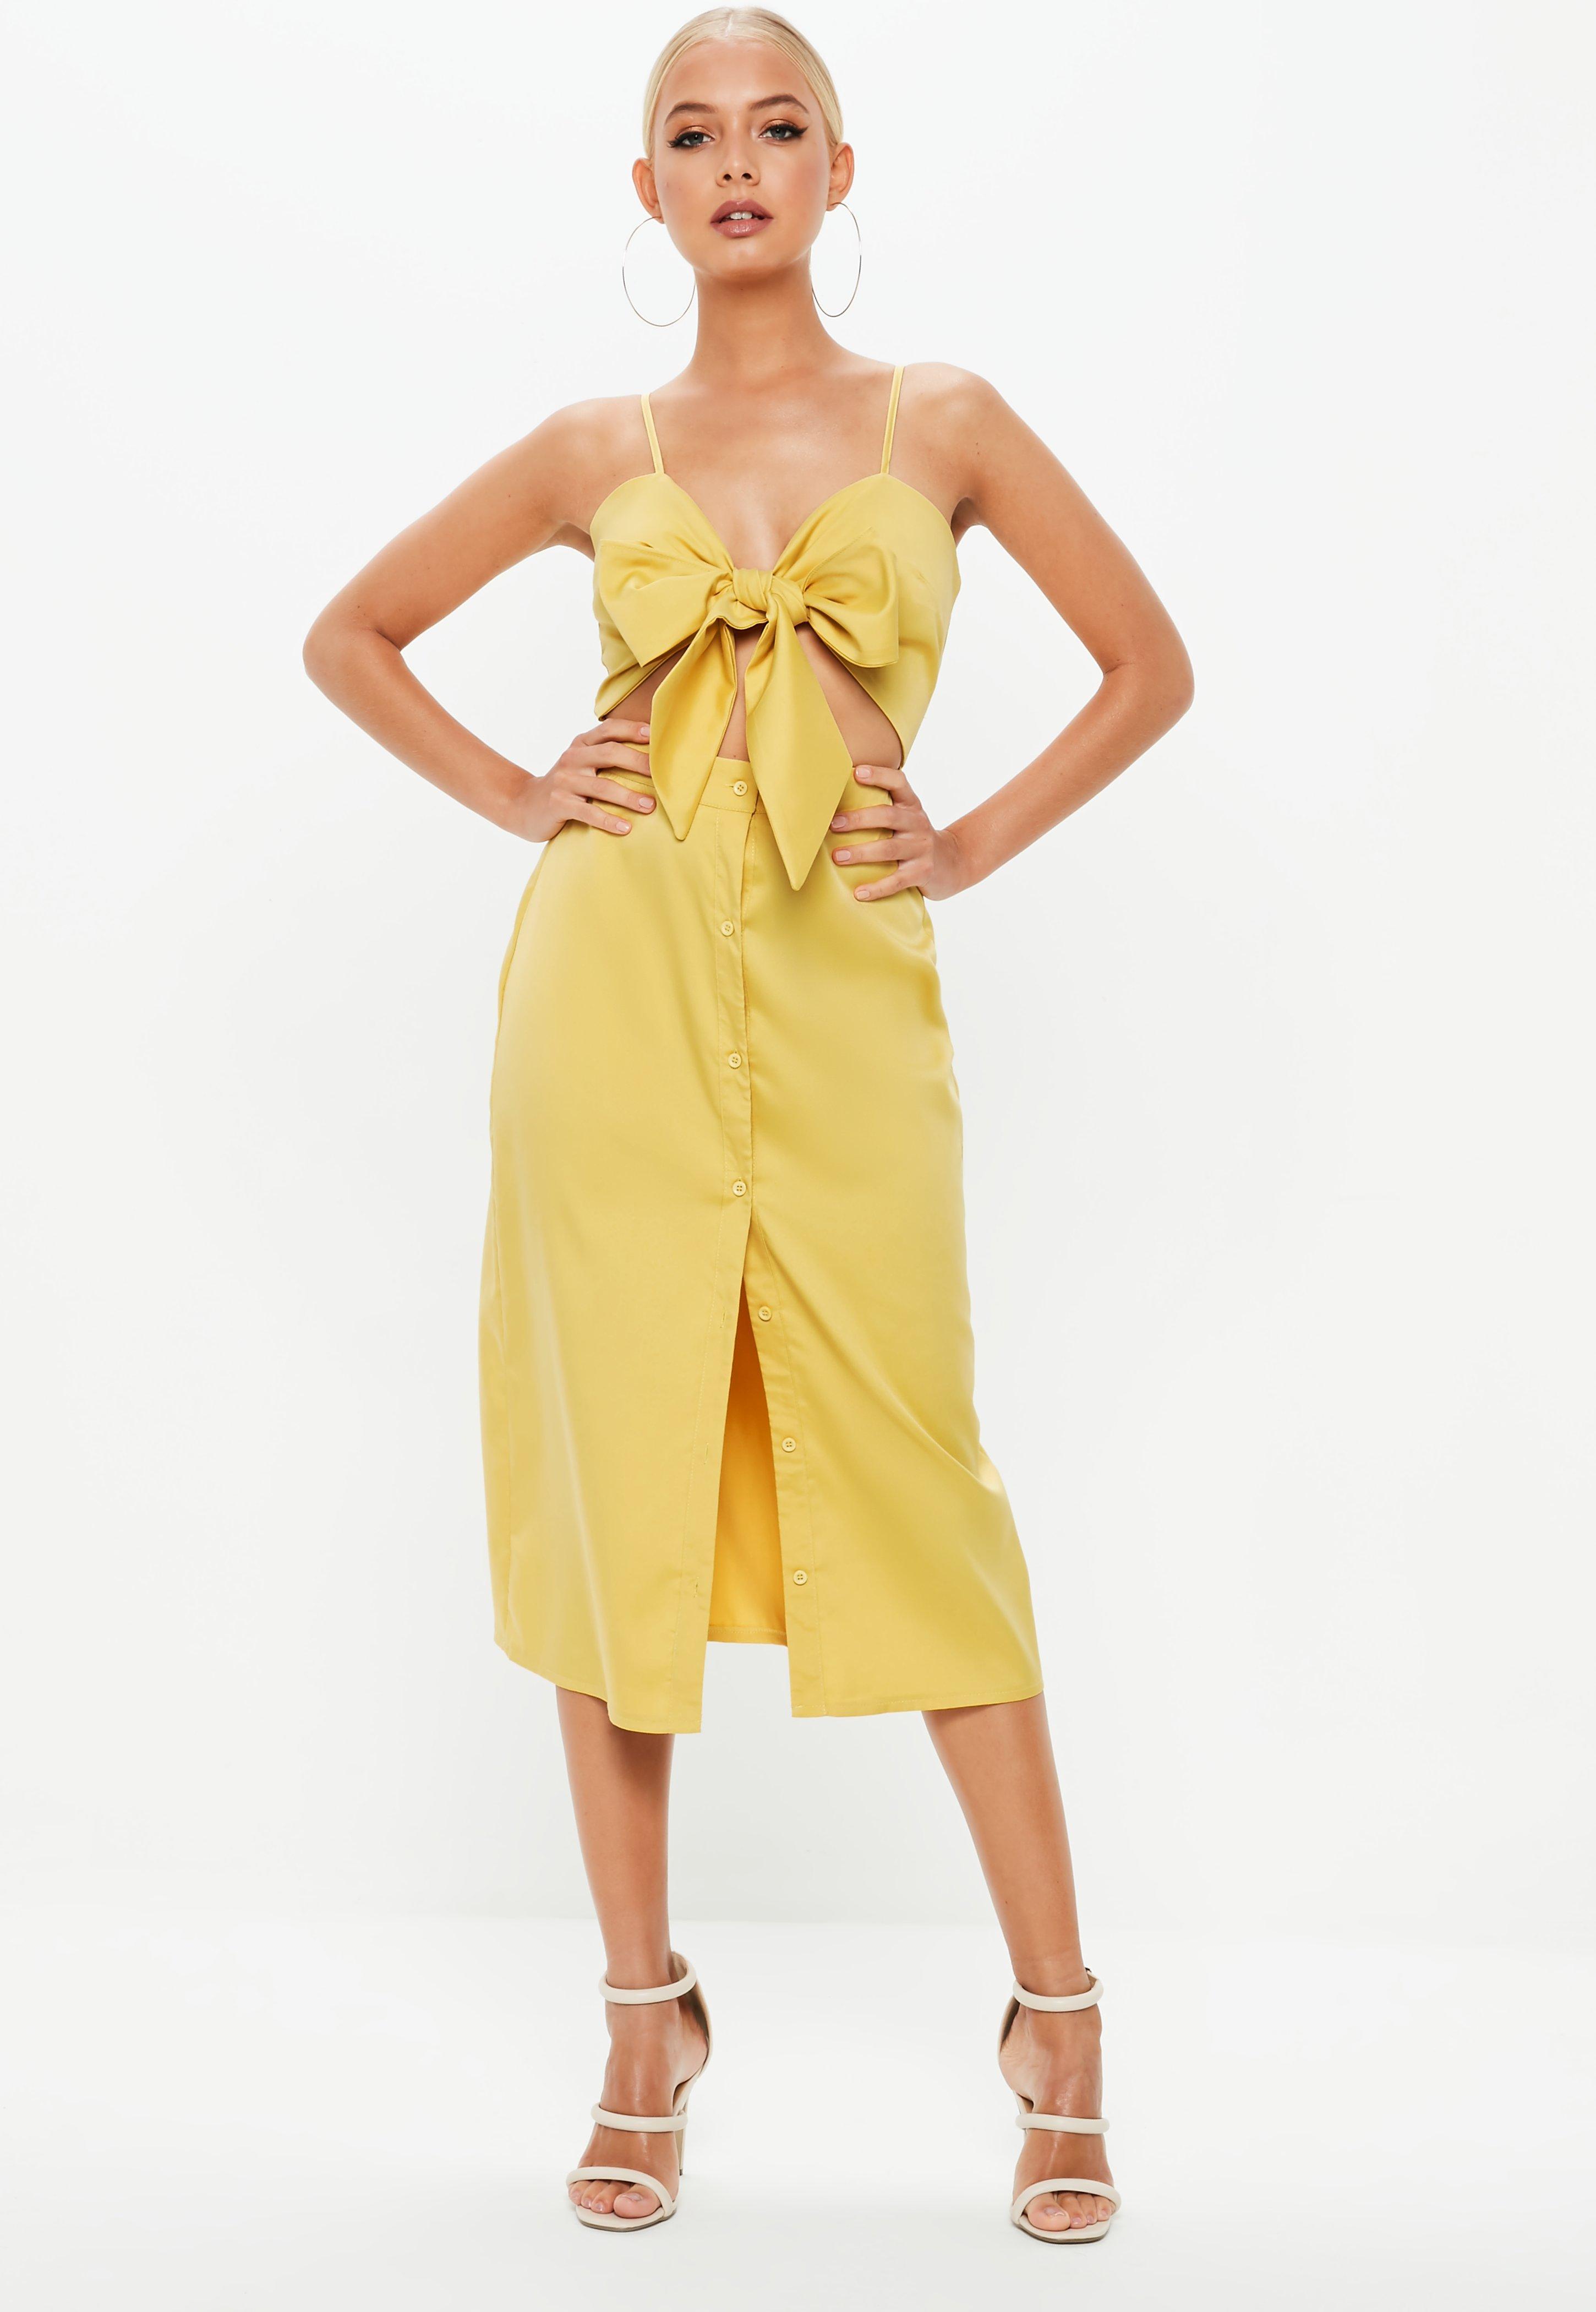 Kleid gelb glitzer